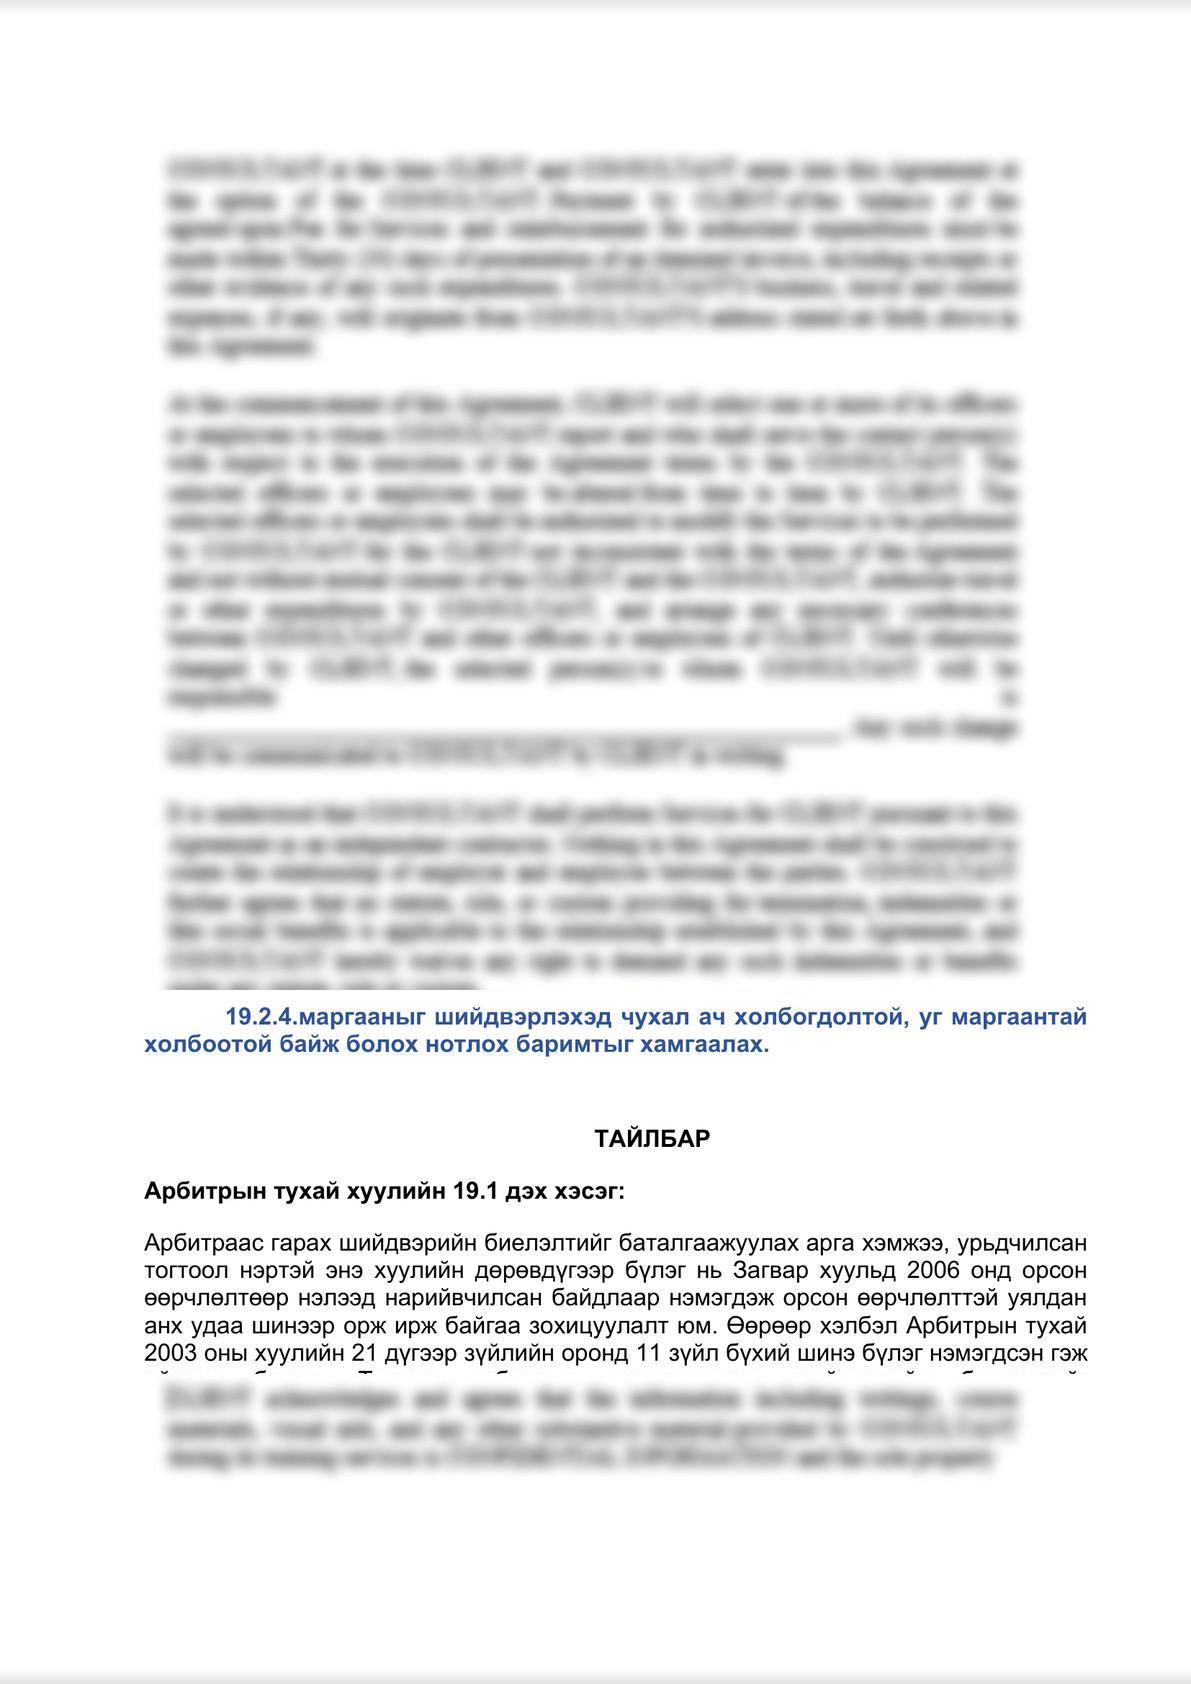 Арбитрын тухай хуулийн тайлбар (Commentary on Mongolian Law on Arbitration)-5